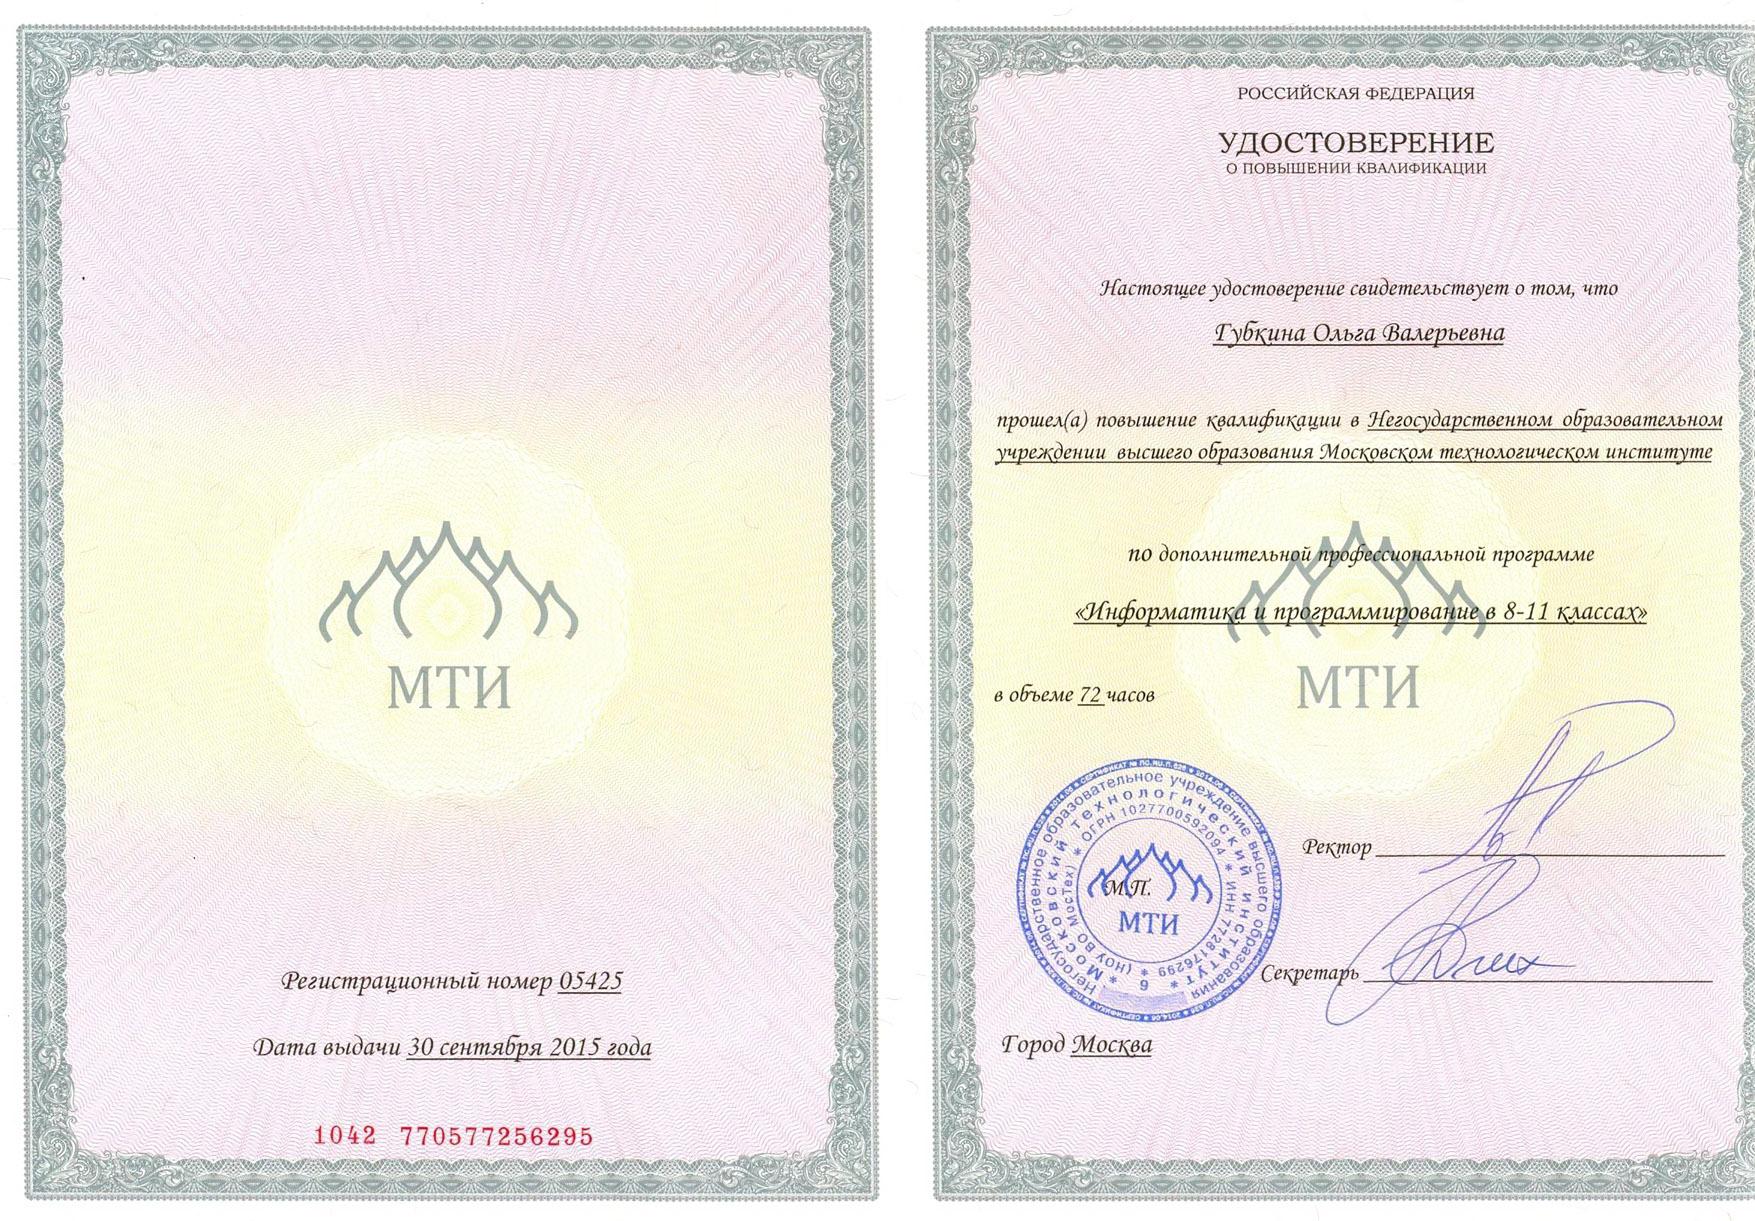 МТИ, г. Москва, курсы повышения квалификации по теме «Информатика и программирование в 8-11 классах», 72 часа, 2015 год